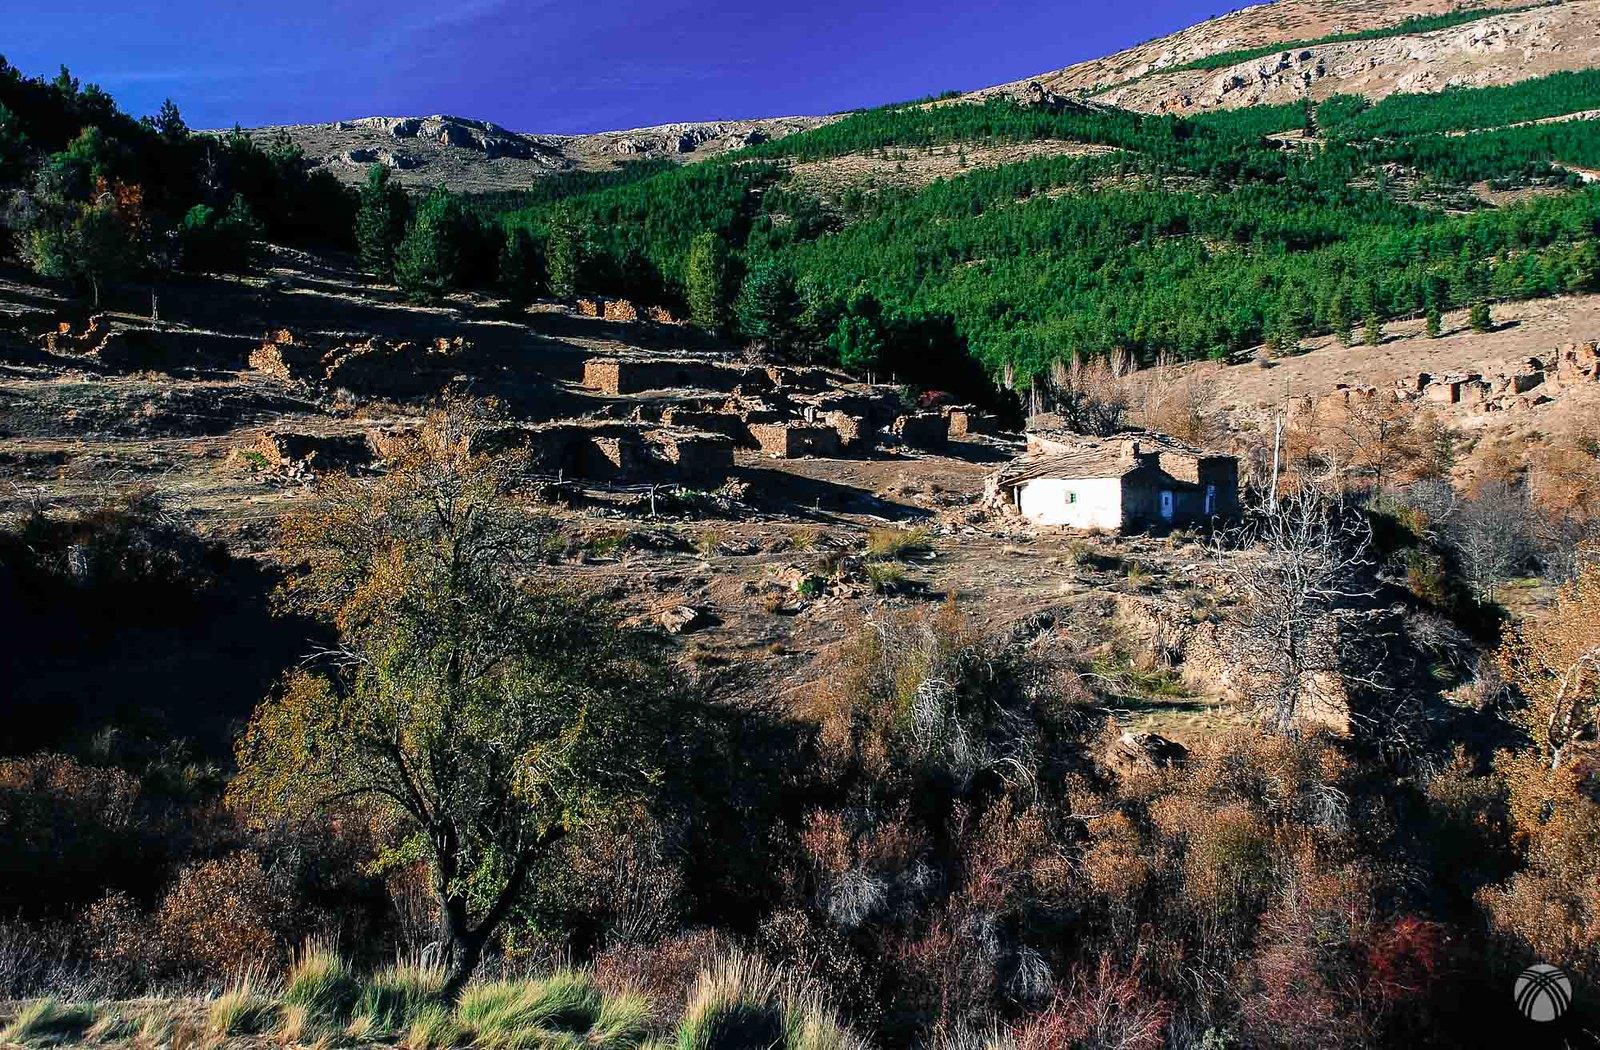 Las casas de Santa Olaya